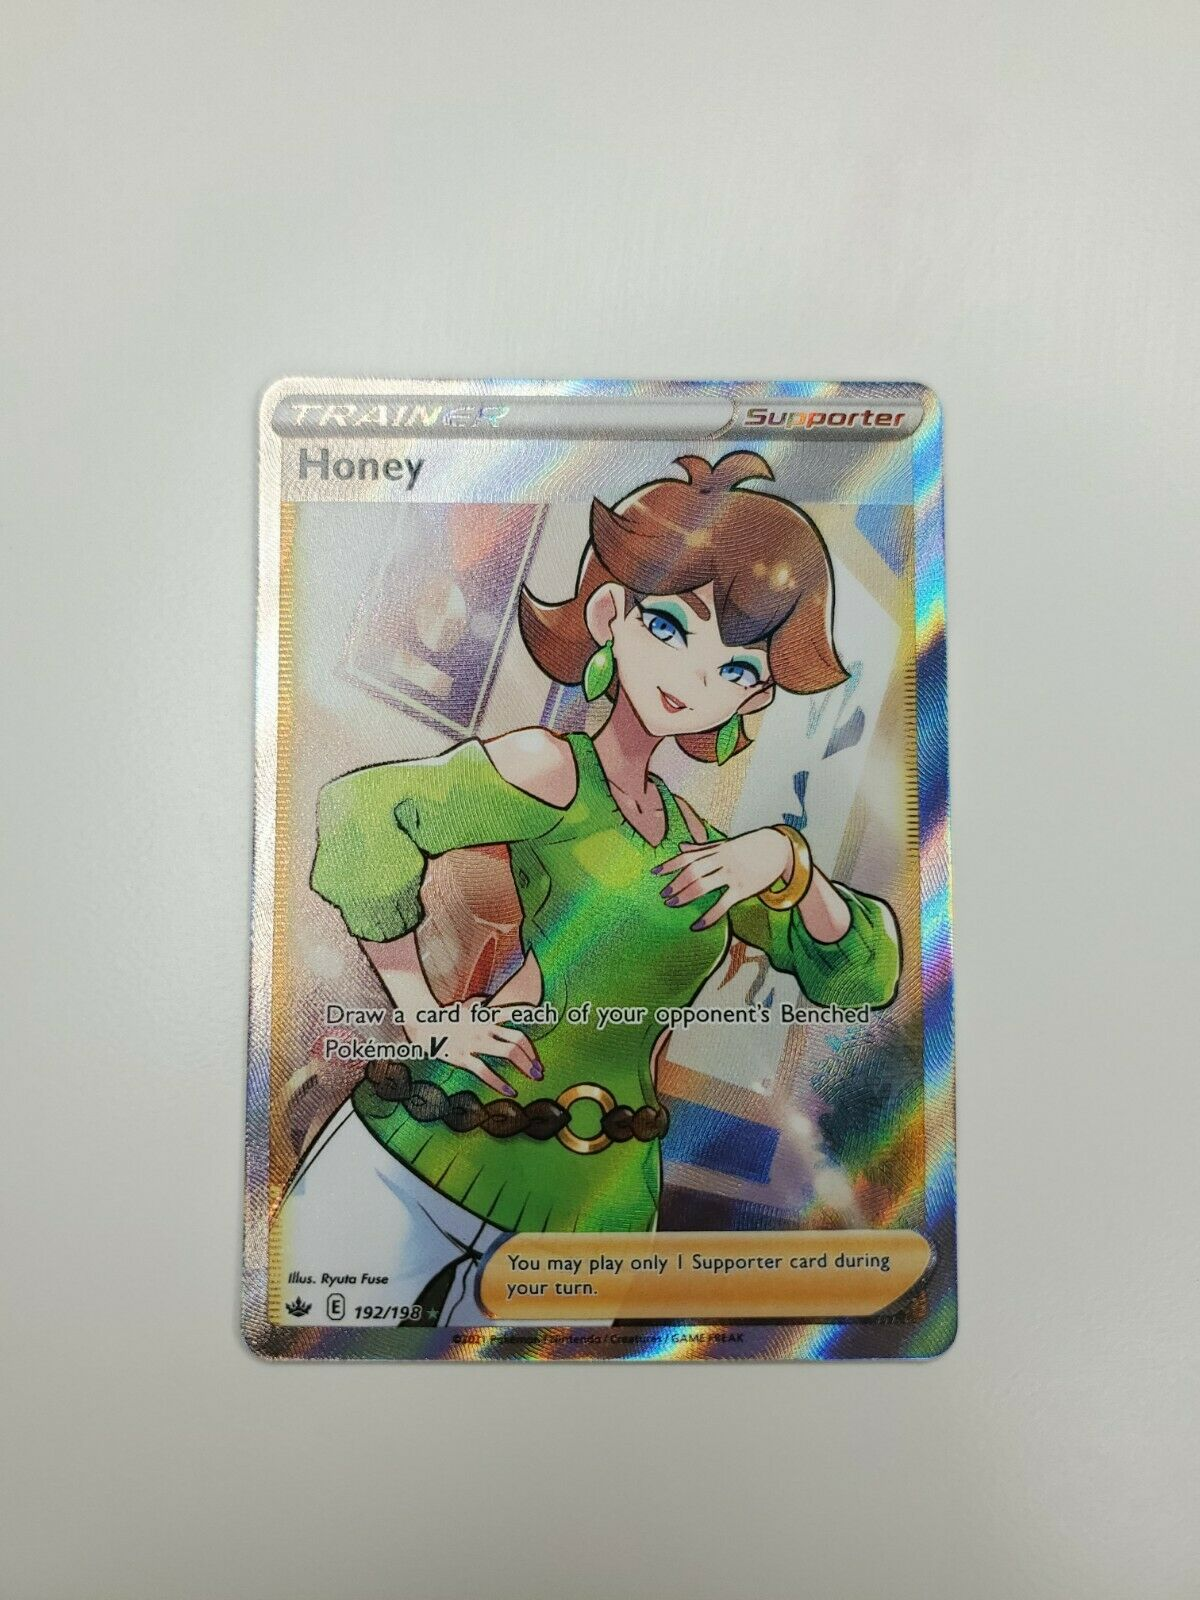 Pokemon TCG - Chilling Reign Trainer Honey 192/198 - Full Art NM